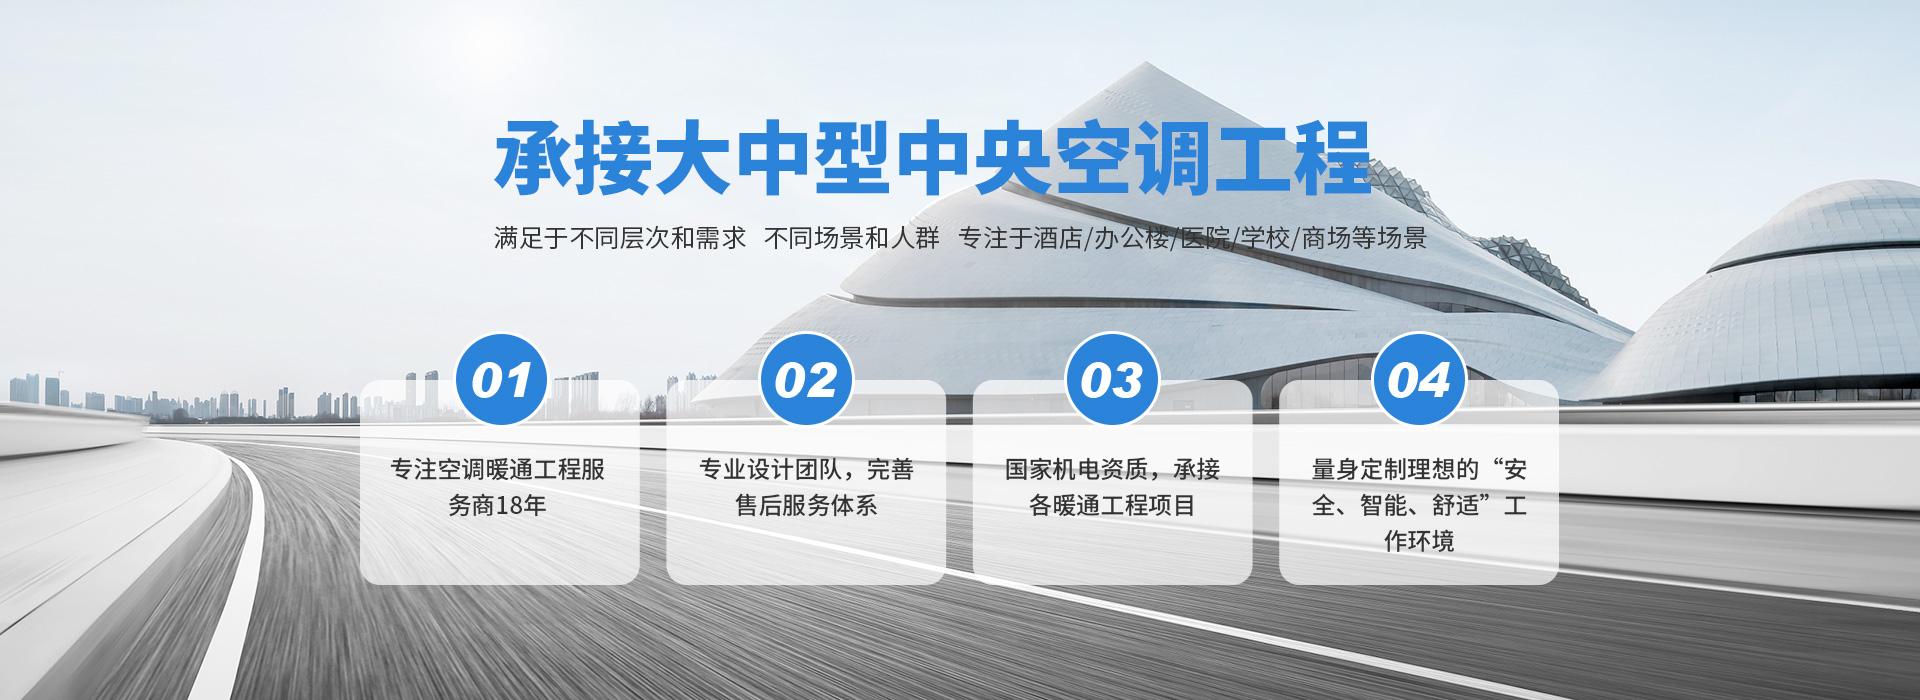 惠驰与众多企业进行战略合作